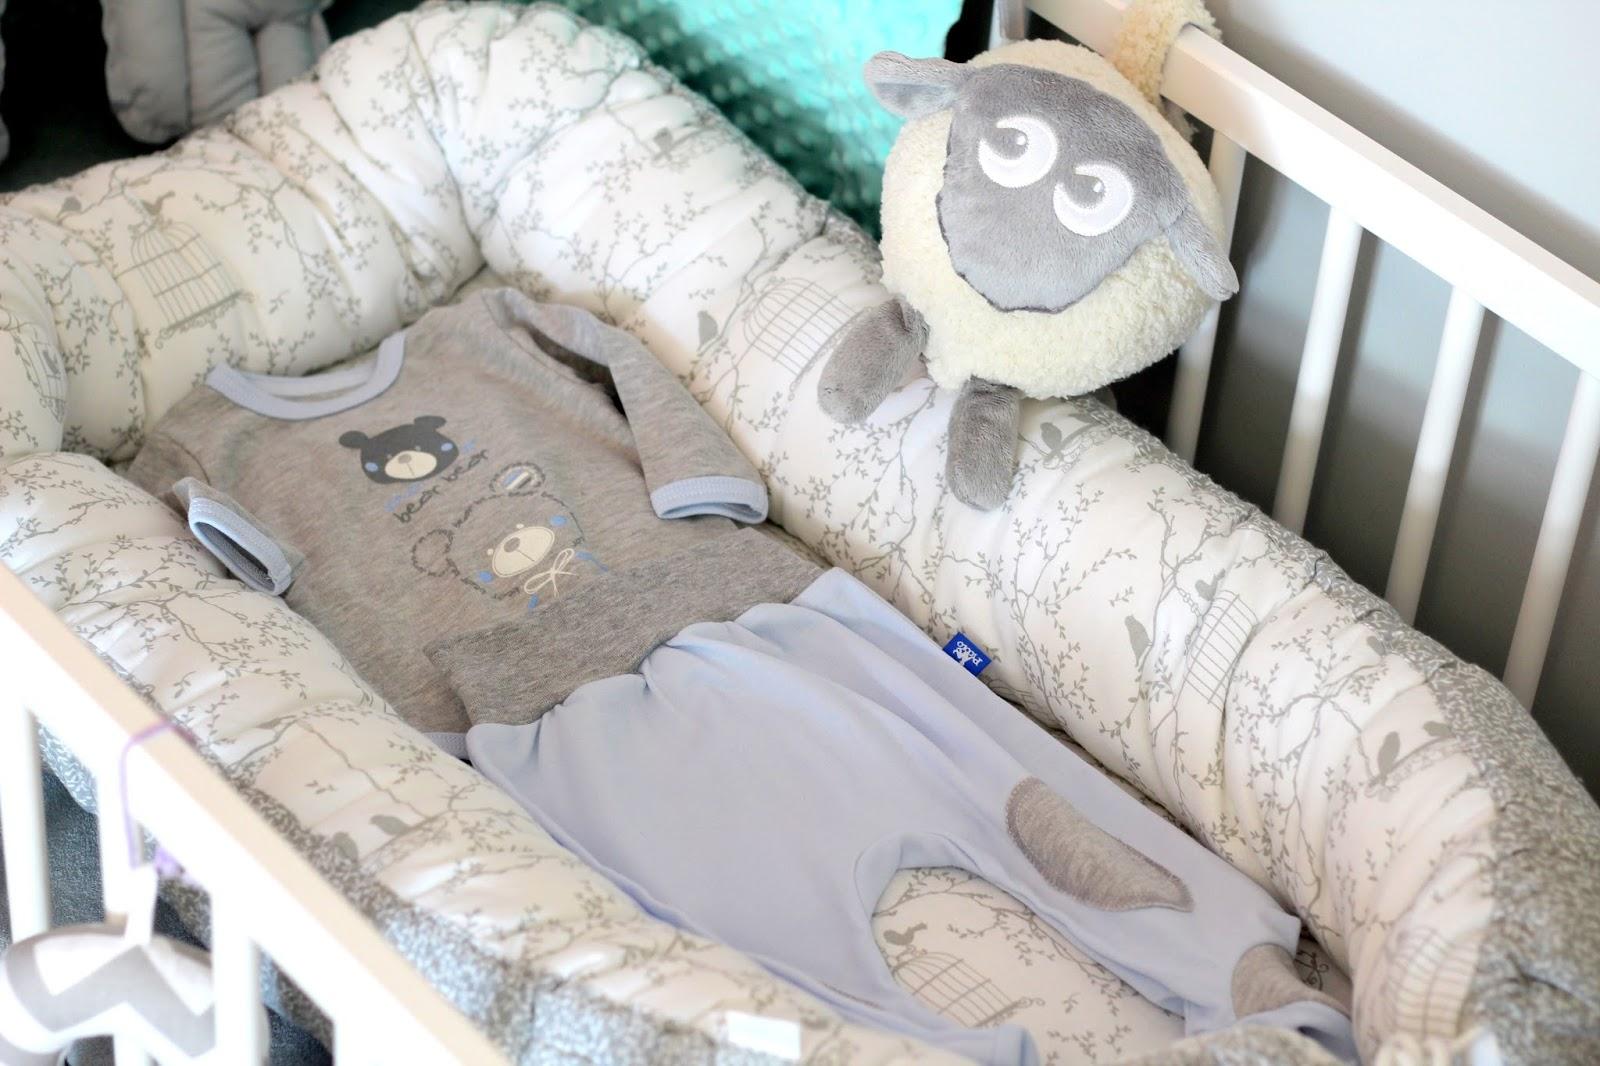 e89661047b Nawet nie wiecie ile czasu spędziłam na przeszukiwaniu Internetu w  poszukiwaniu ciekawych sklepów z ubrankami dla niemowlaka. Oprócz tych  znanych sieciówek ...